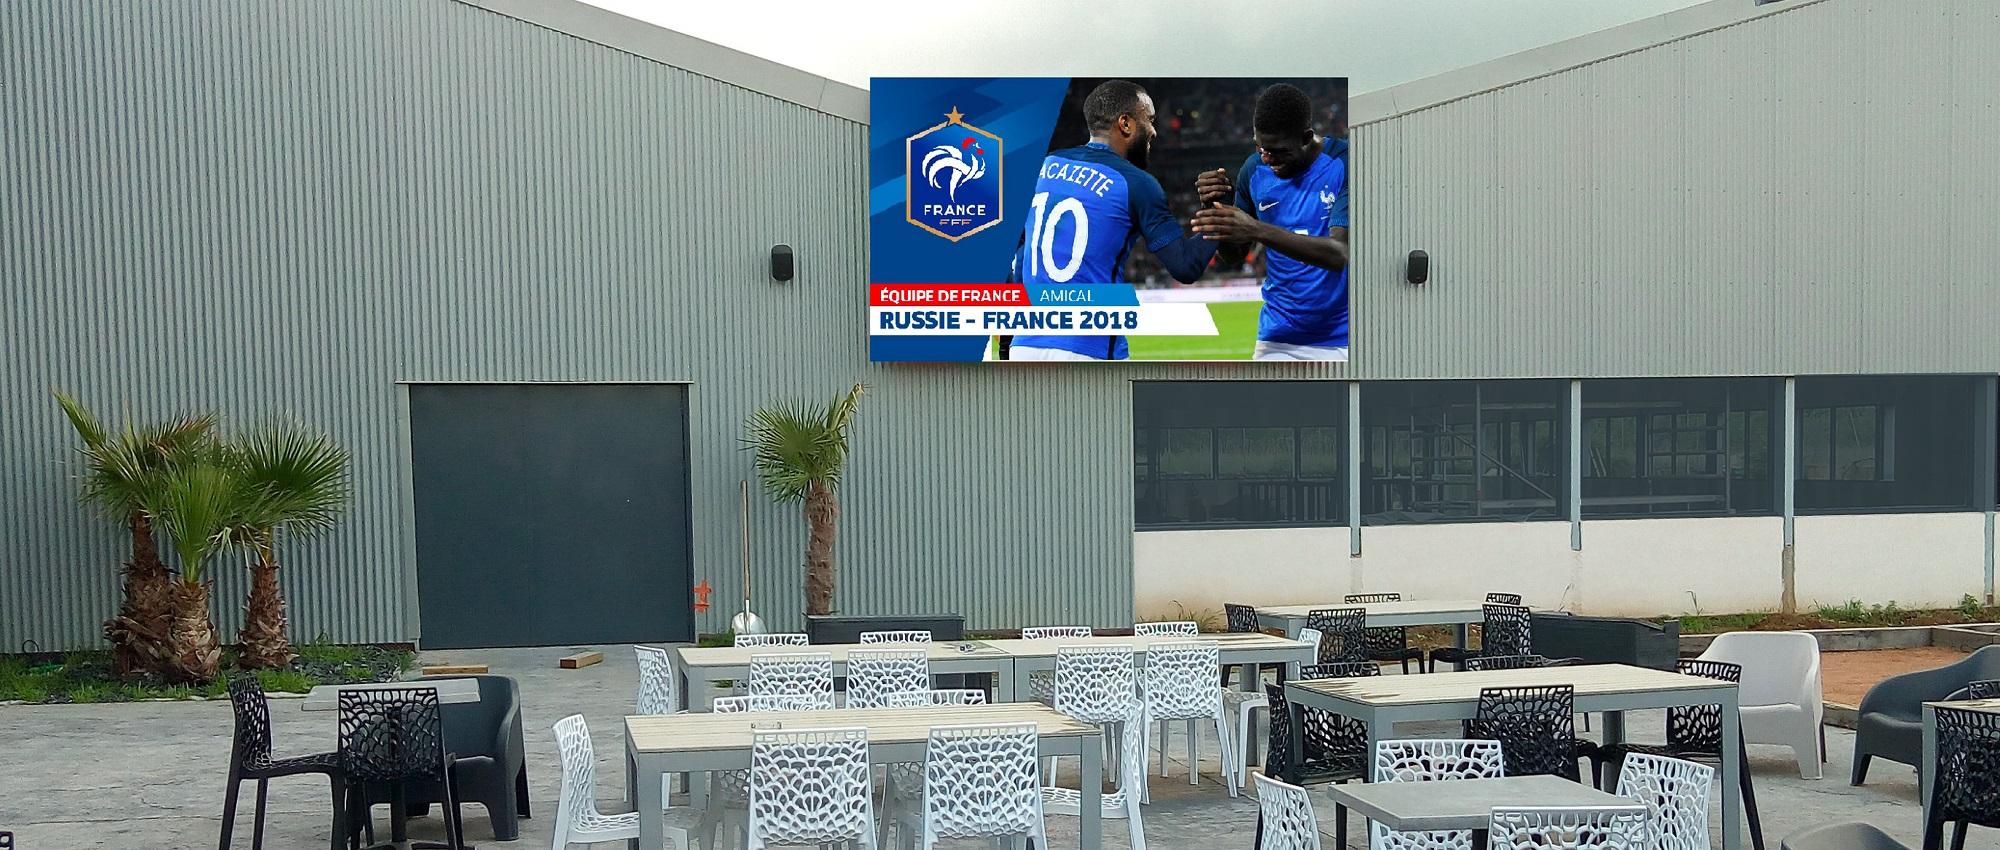 Sensations garanties au FACTORY SPORT GAMES grâce aux écrans géants Shenzhen Multimédia®